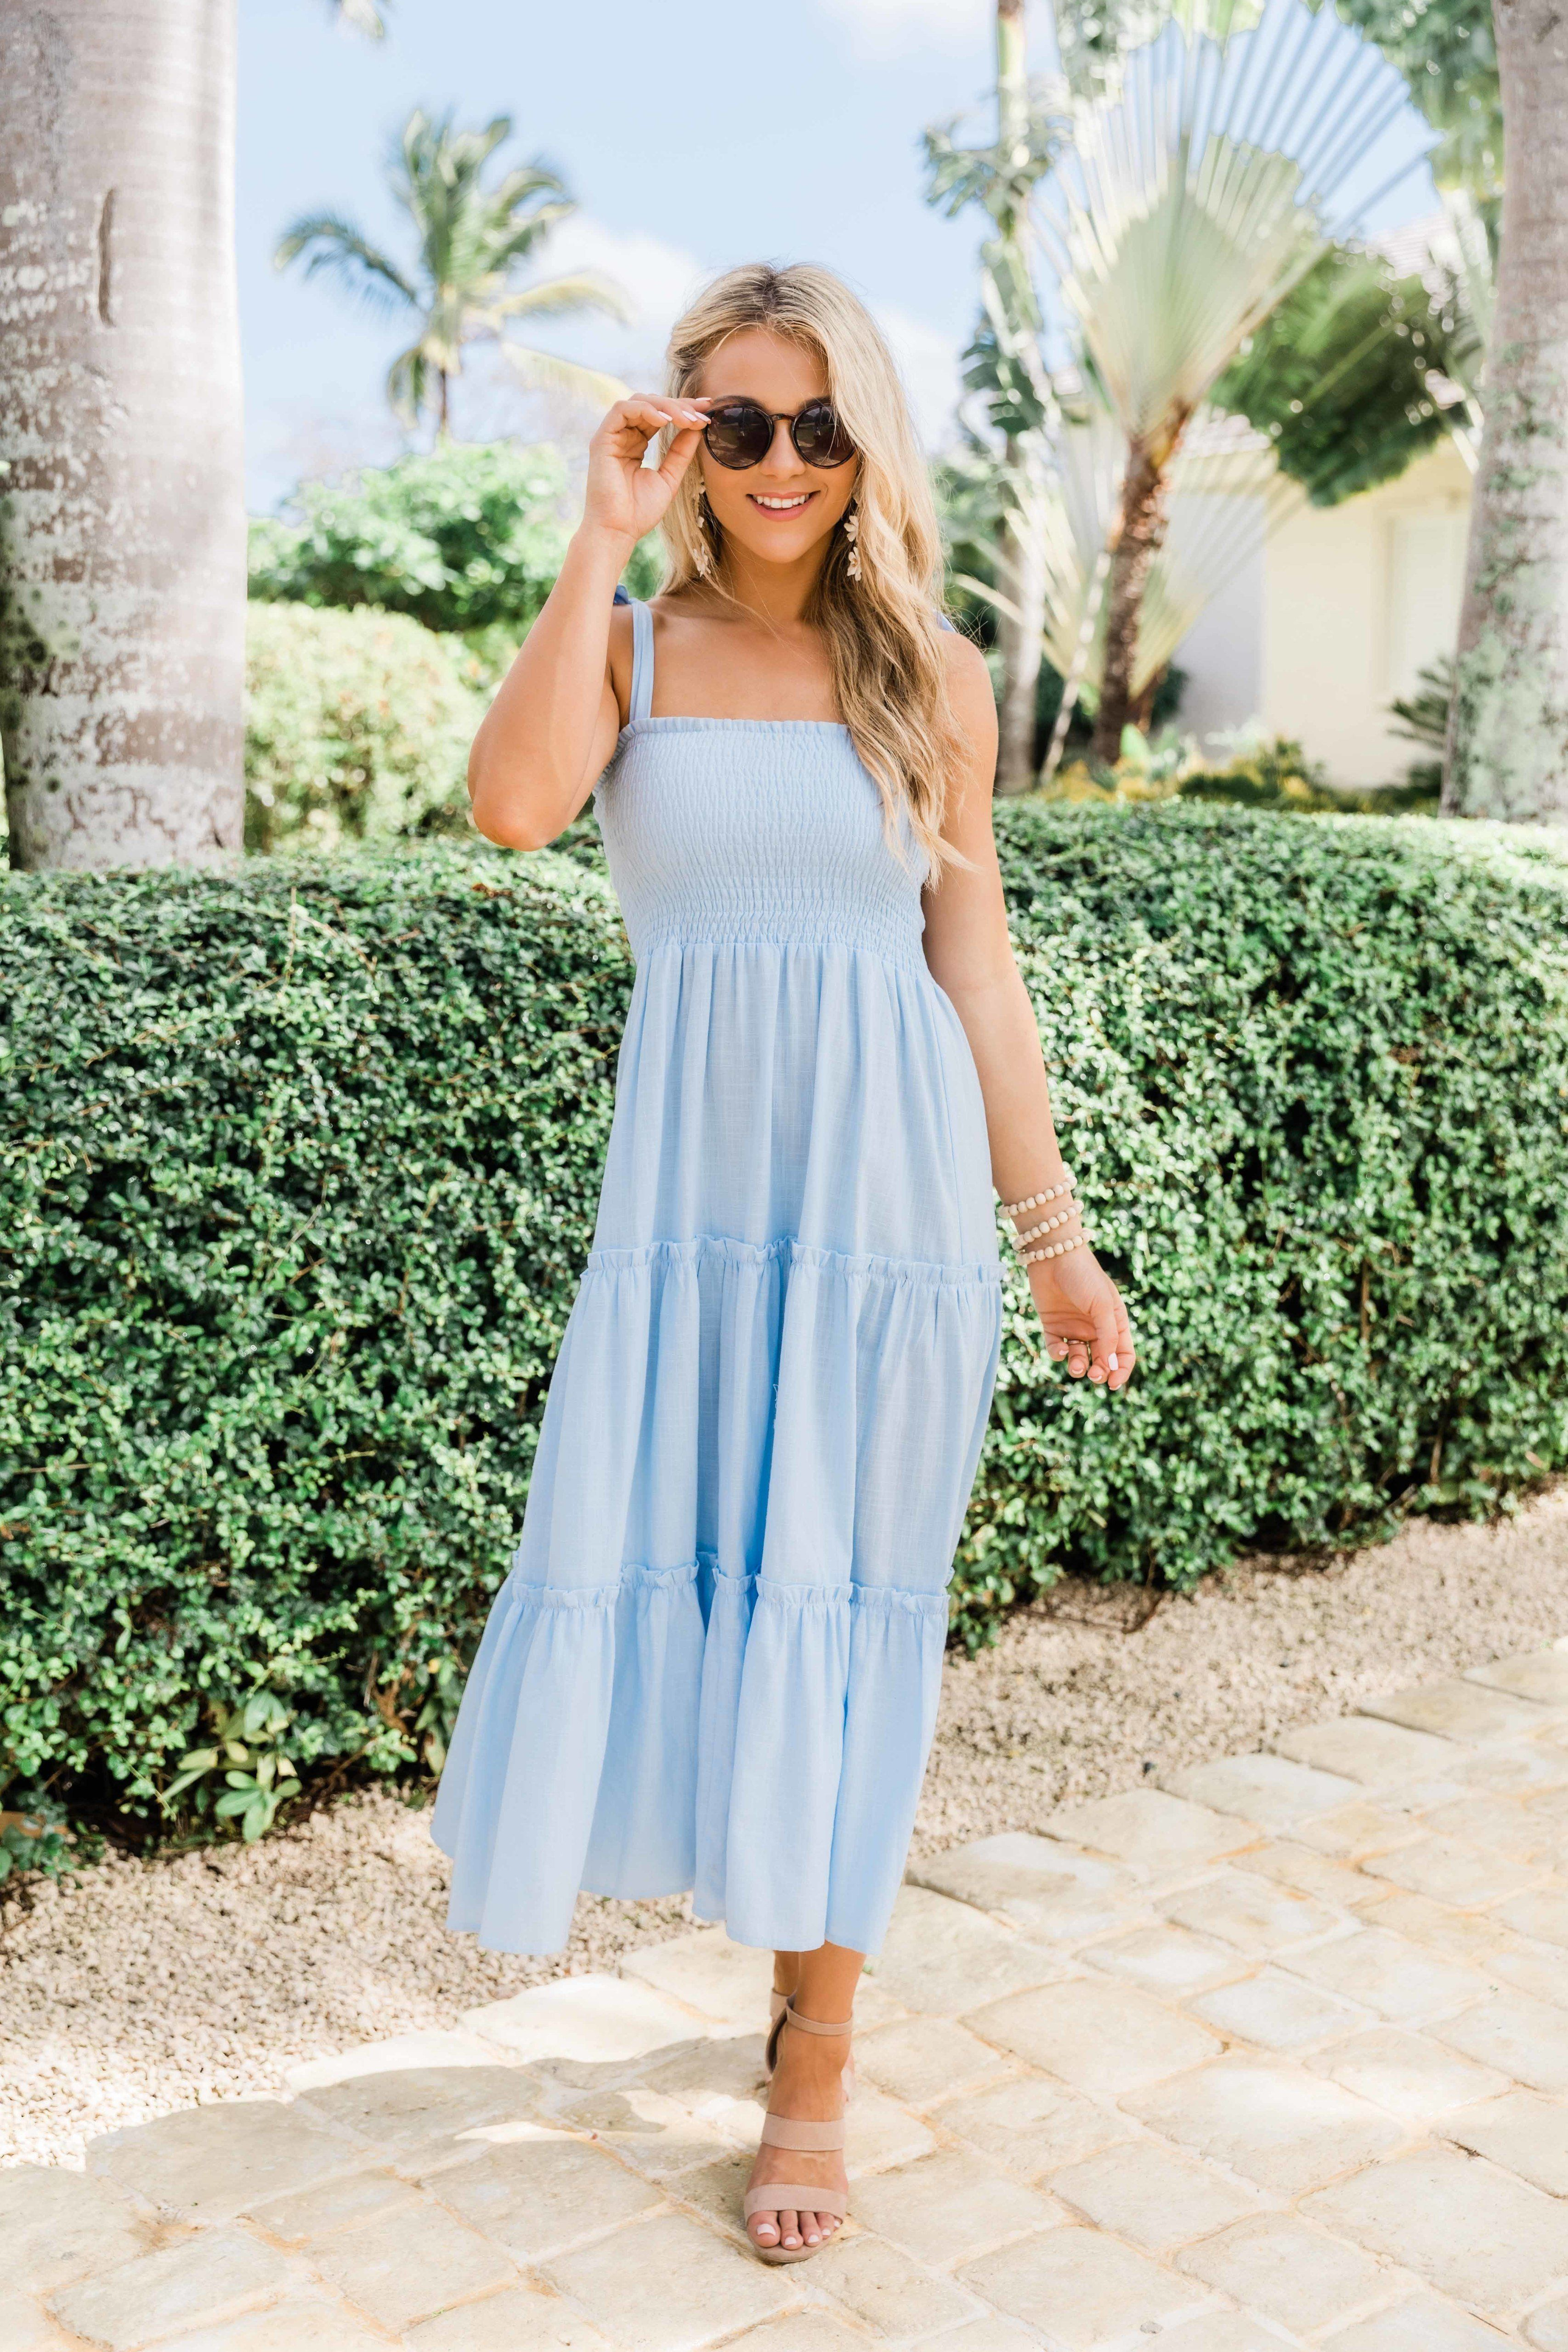 Follow Your Heart Only Light Blue Midi Dress In 2021 Light Blue Midi Dress Blue Midi Dress Pink Midi Dress [ 5120 x 3413 Pixel ]